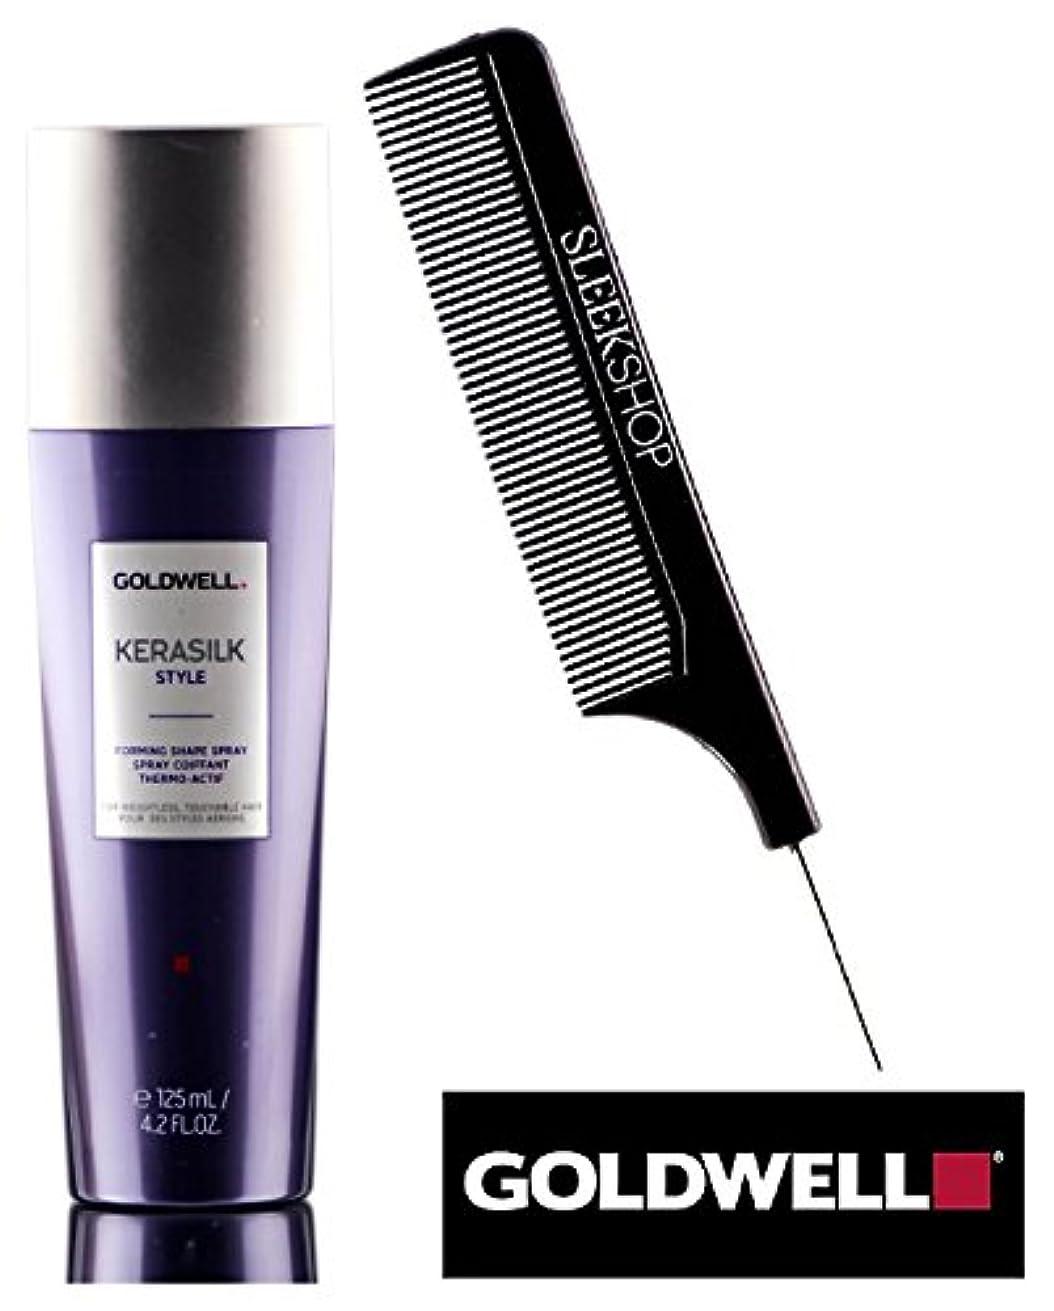 簡潔な差別化するパークKerasilk Style by Goldwell 無重力のための(なめらかなスチールピンテールコーム付き)形状にスプレーを形成するGoldwell KERASILK STYLE、触れることができるヘアー 4.2オンス...